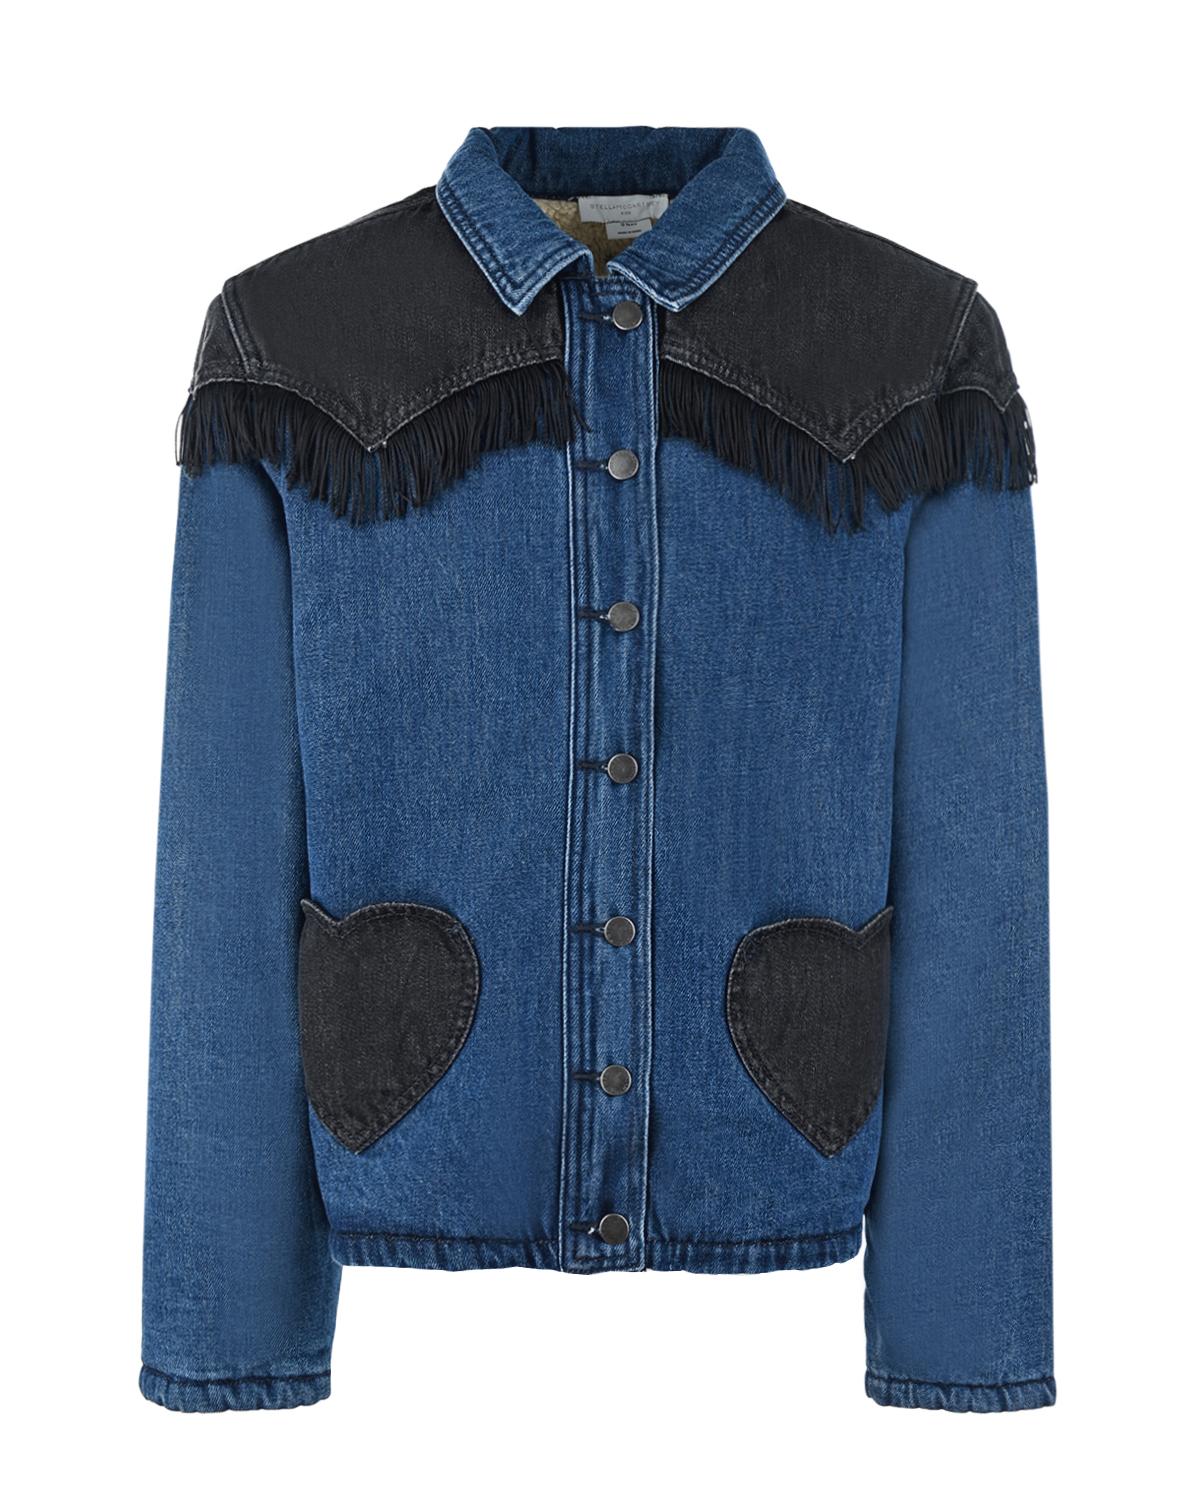 Купить Джинсовая куртка с карманами в форме сердечка Stella McCartney детская, Мультиколор, 100%хлопок, 100%полиэстер. 80%полиэстер+20%хлопок